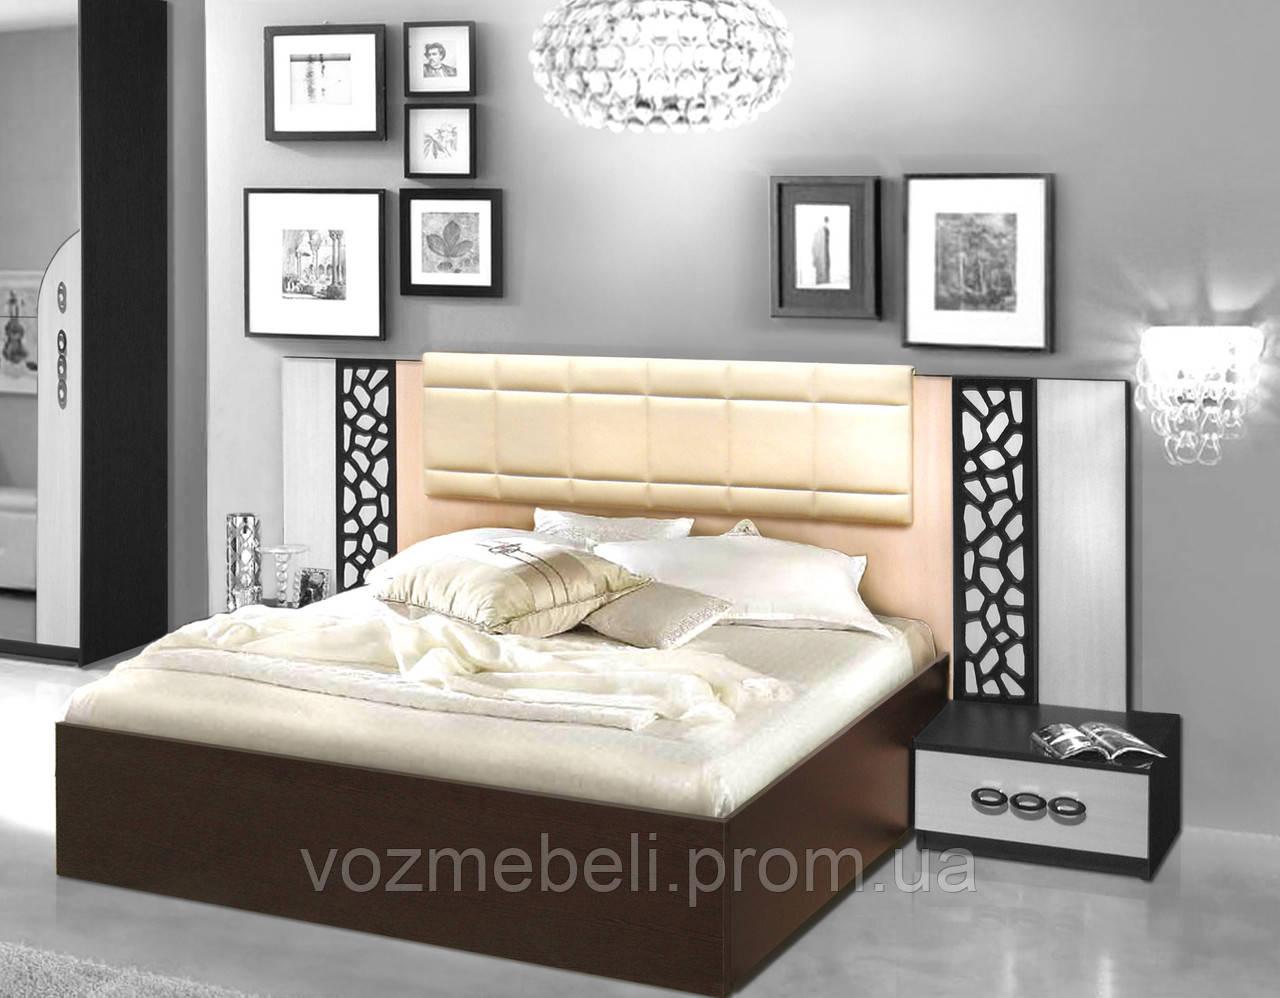 Кровать 160 с каркасом Селеста /МастерФорм/